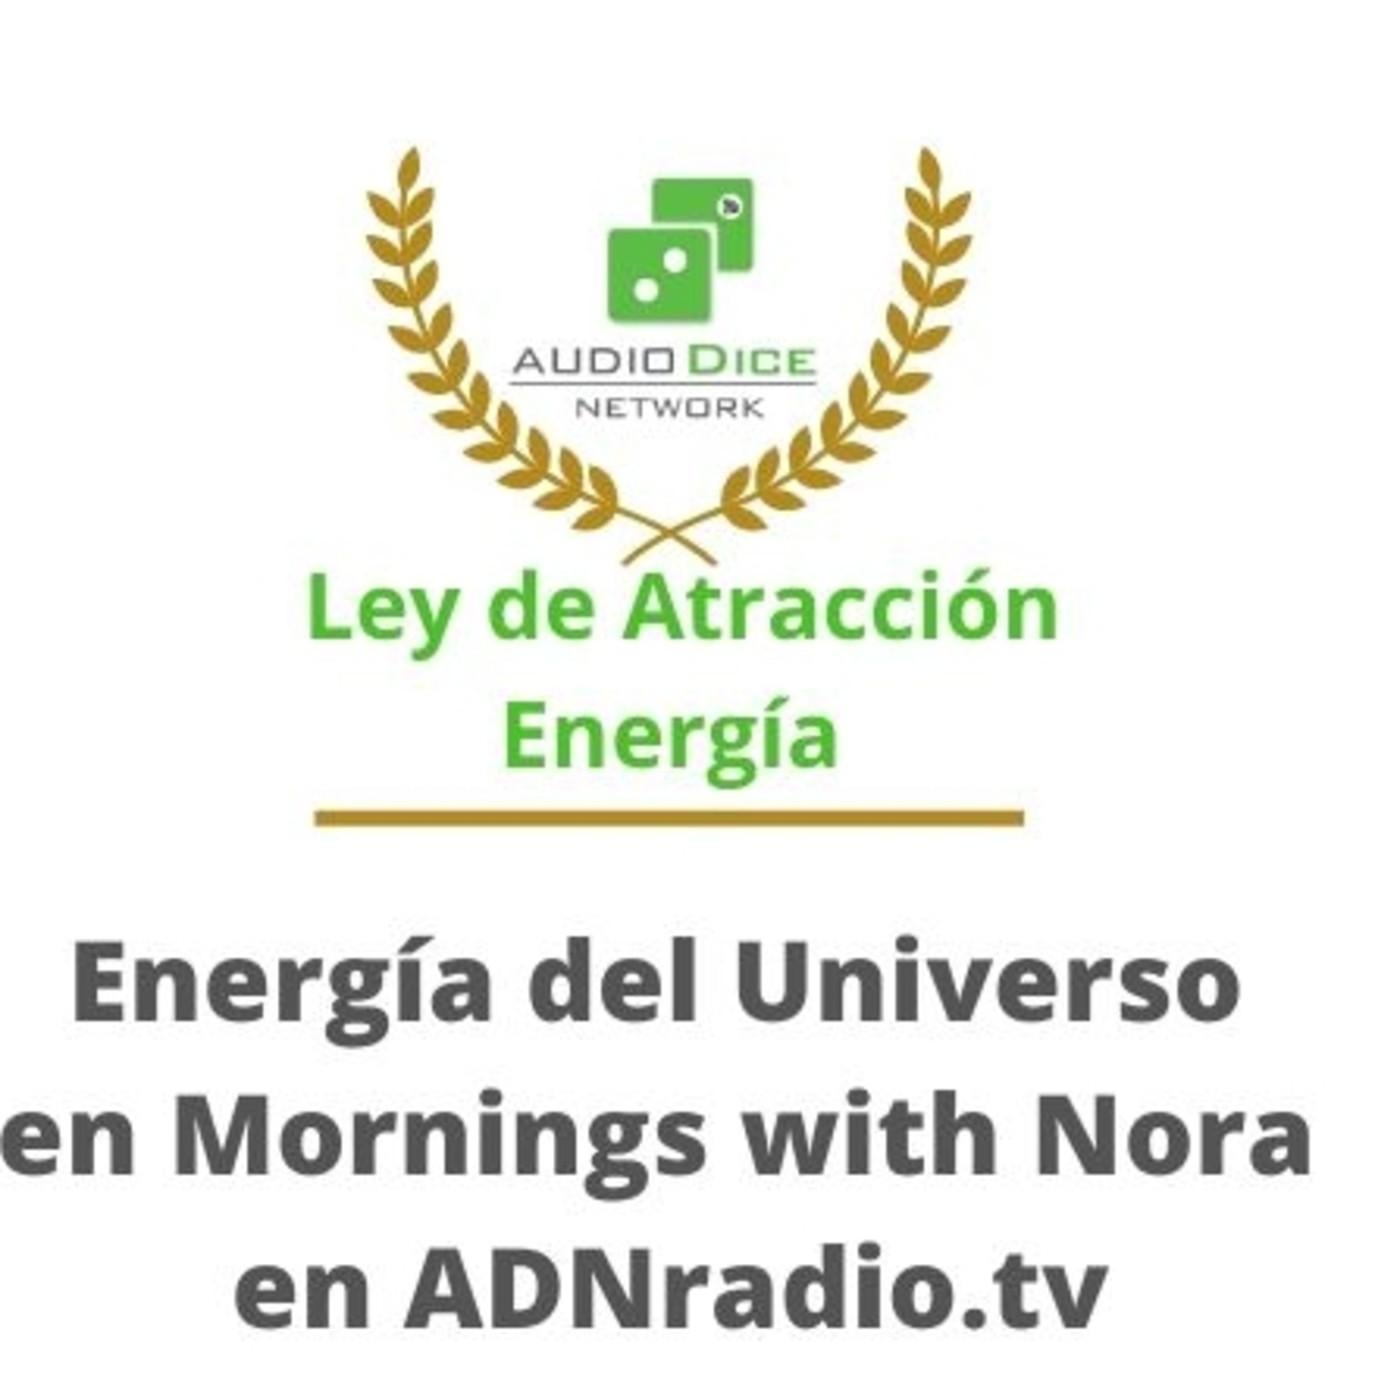 Ley de Atracción - Energía del Universo en Mornings with Nora de ADNradio.tv